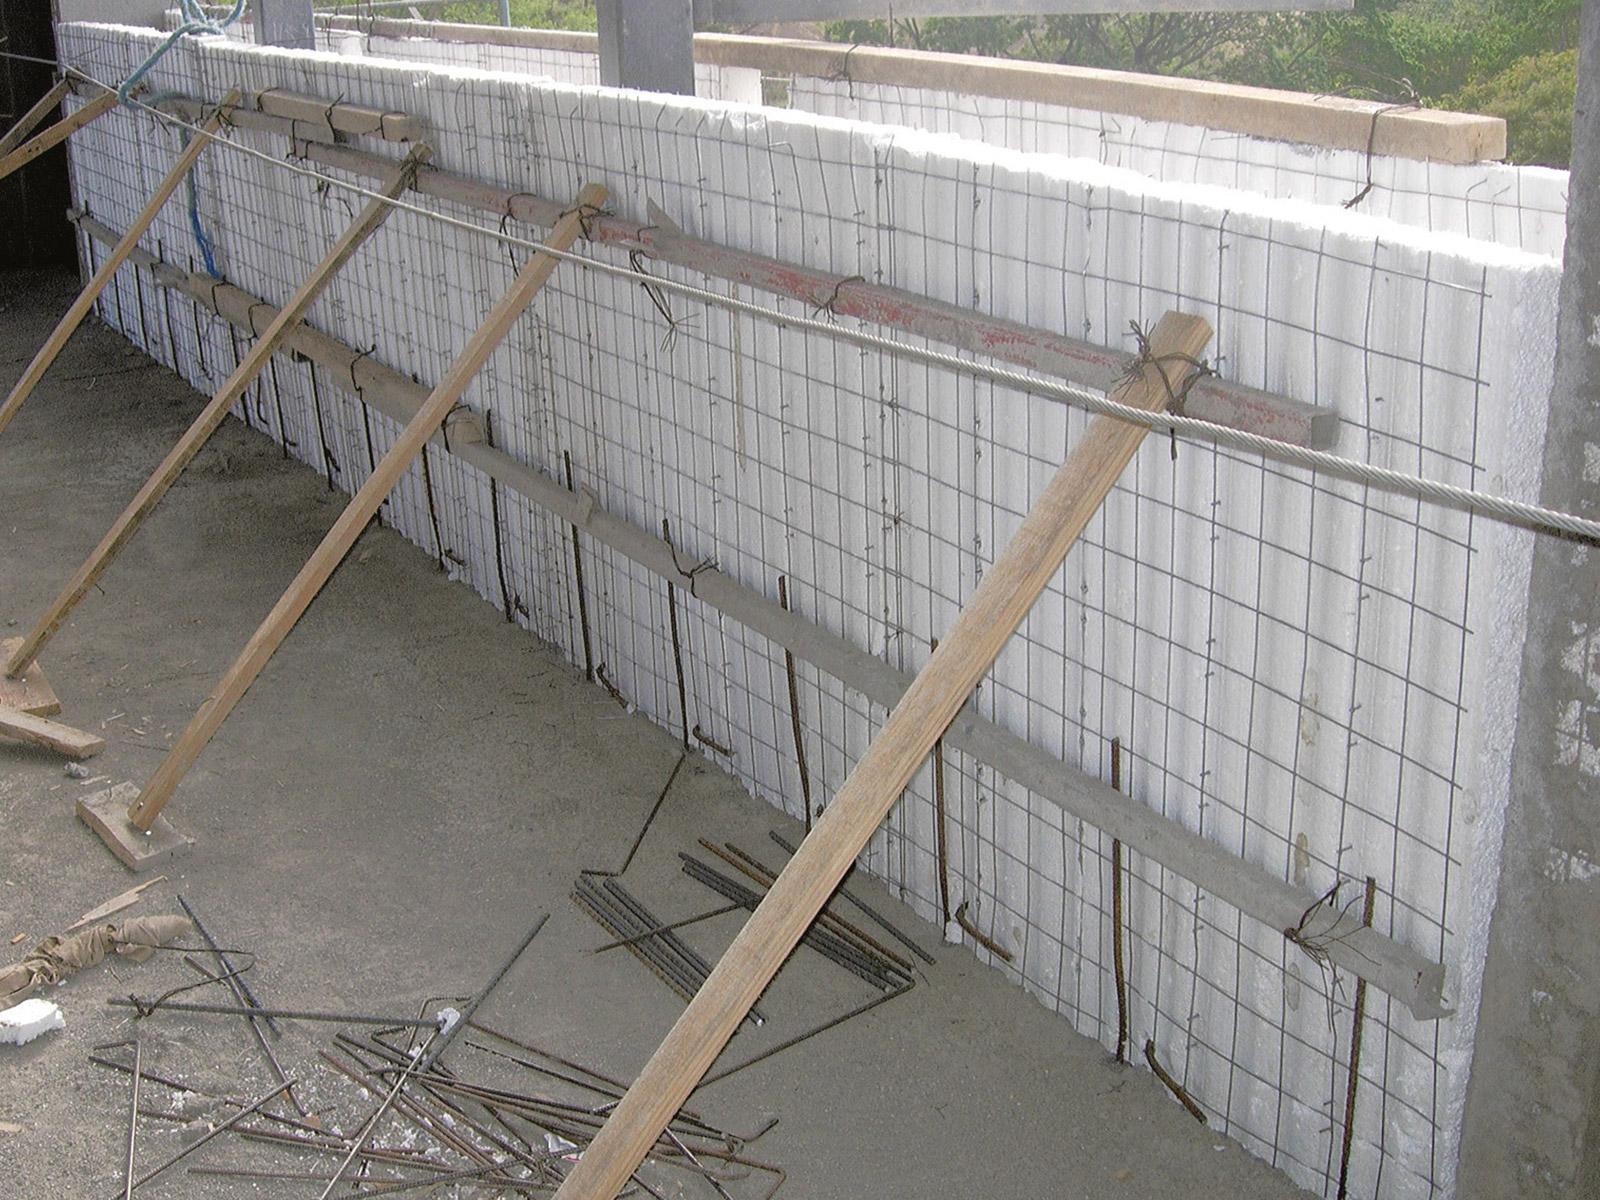 El-centro-II-emmedue-m2-panelconsa-2